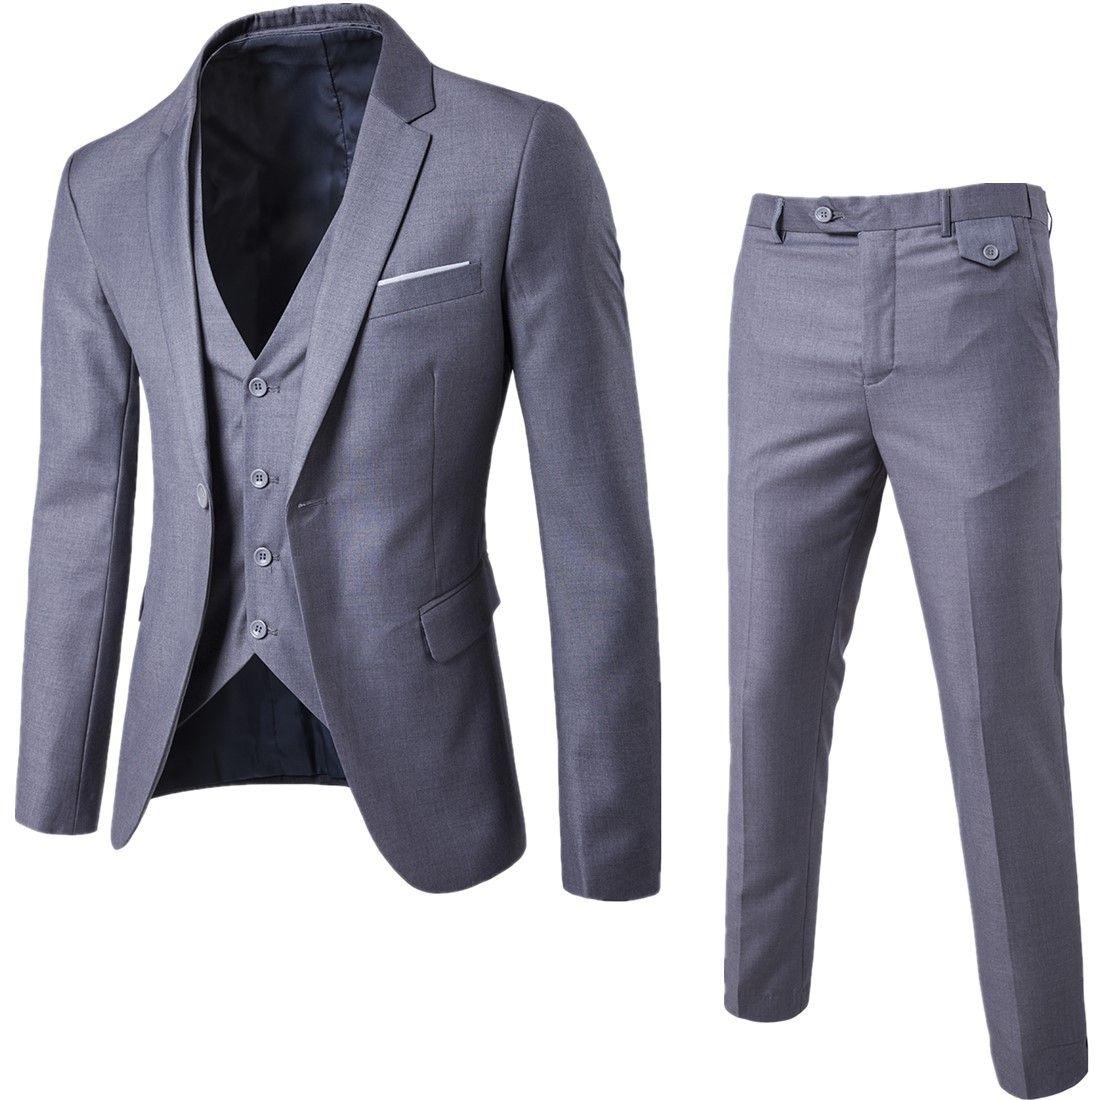 2018 Nuevo diseñador de moda para hombres Traje Novio Trajes de esmoquin Gatos laterales Ventilación delgada Ajuste Mejor Traje de hombre Trajes para hombres de la boda Chaqueta + Pantalón + Chaleco